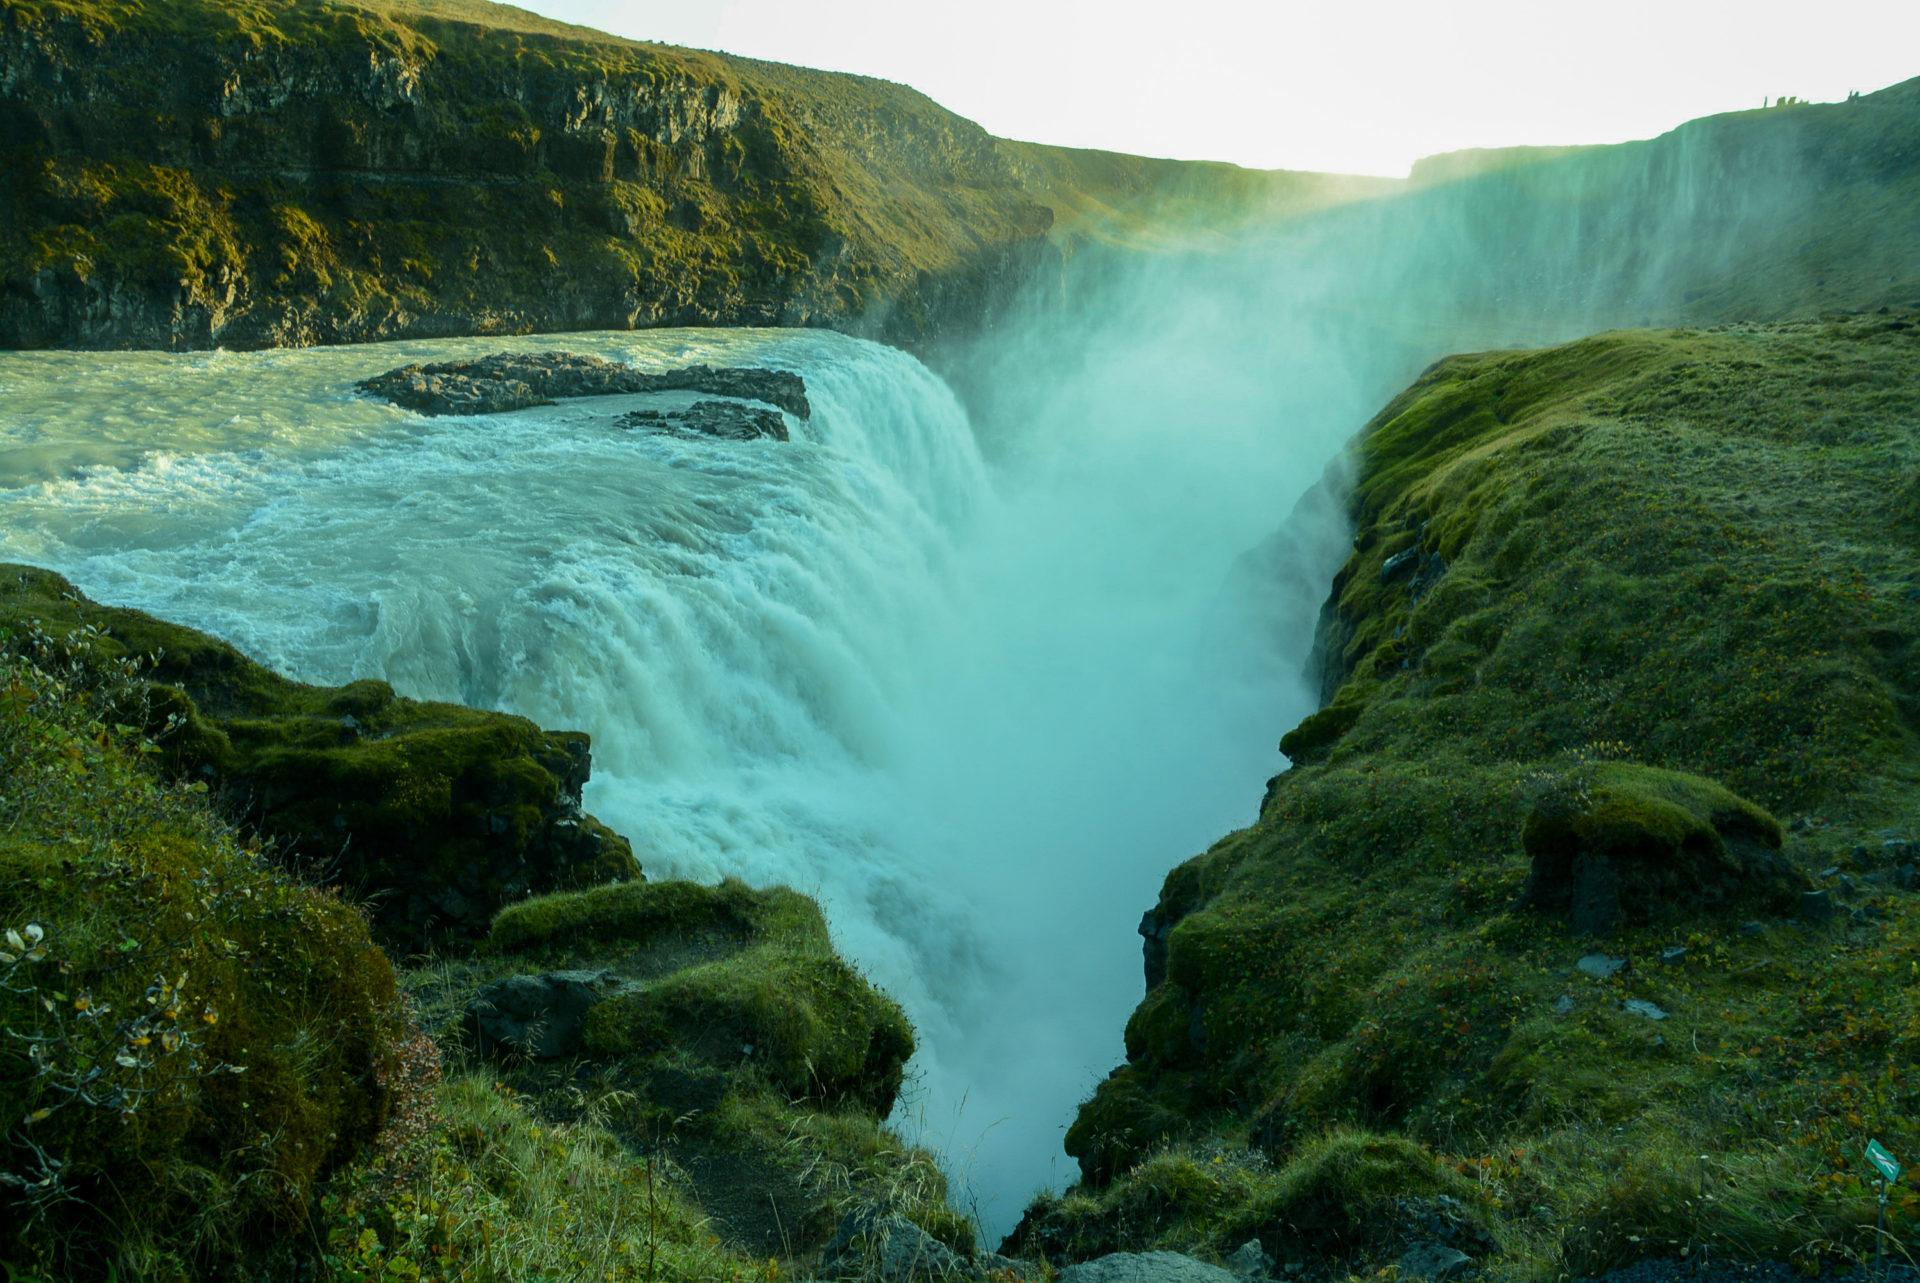 Der Wasserfall Gullfoss gehört zum Golden Circle in Island